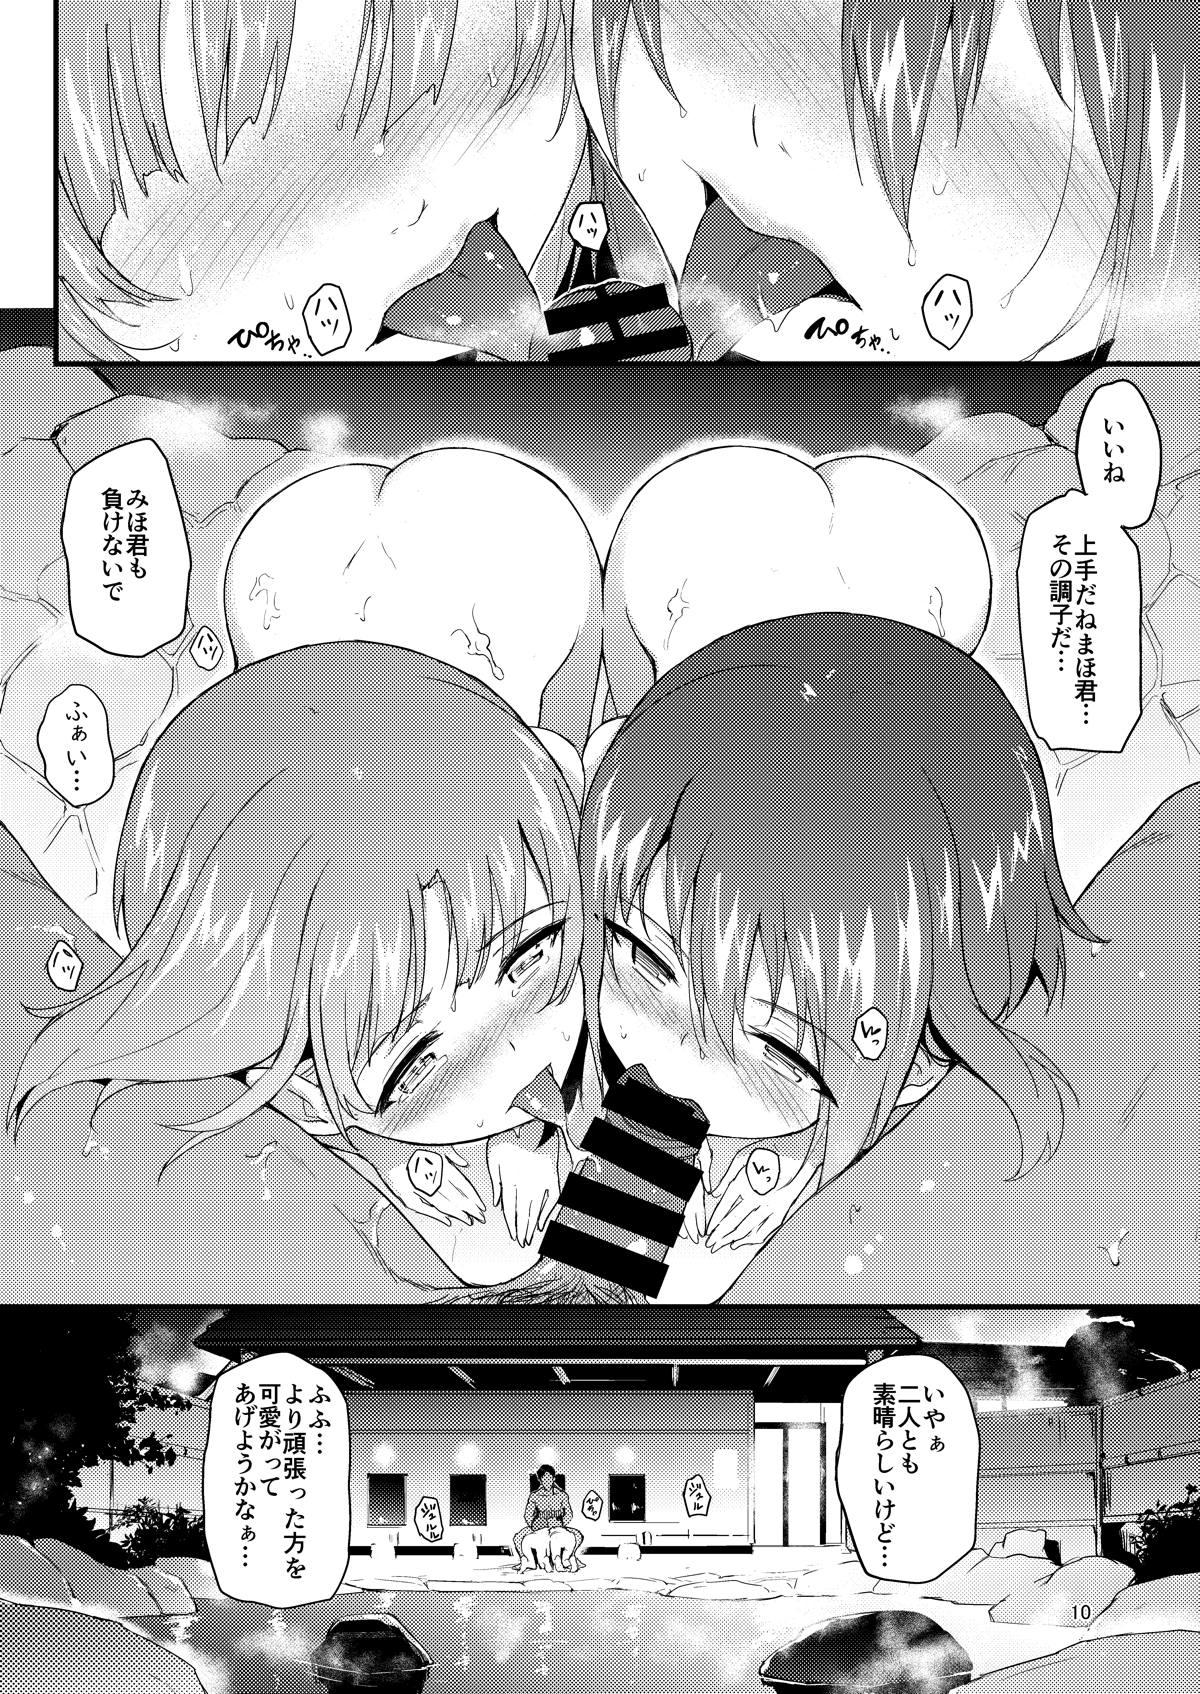 【エロ漫画】今後も御贔屓にしてくださいね…女子〇生姉妹が誠心誠意ご奉仕させていただきますからww